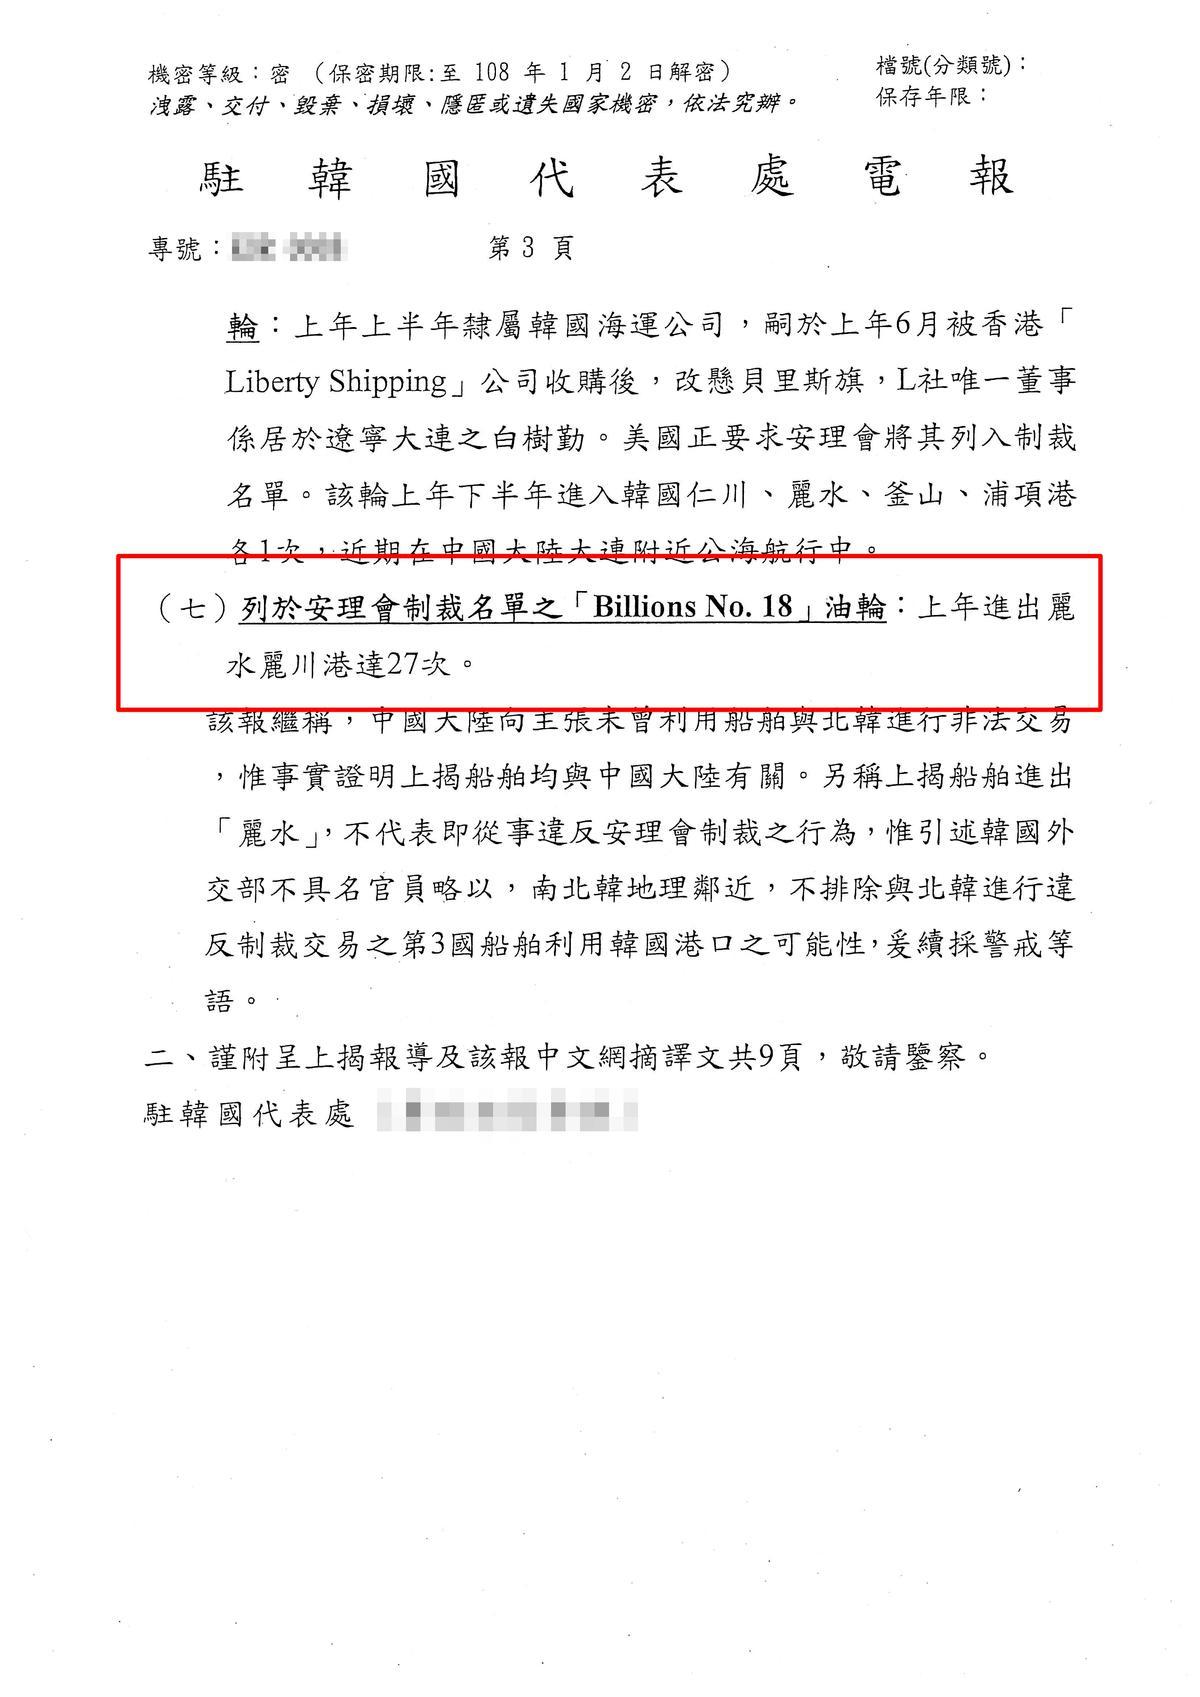 根據駐韓代表處電報,方向永嘉號是比利恩油品集團租用,比利恩18號也多次進出韓國麗水。